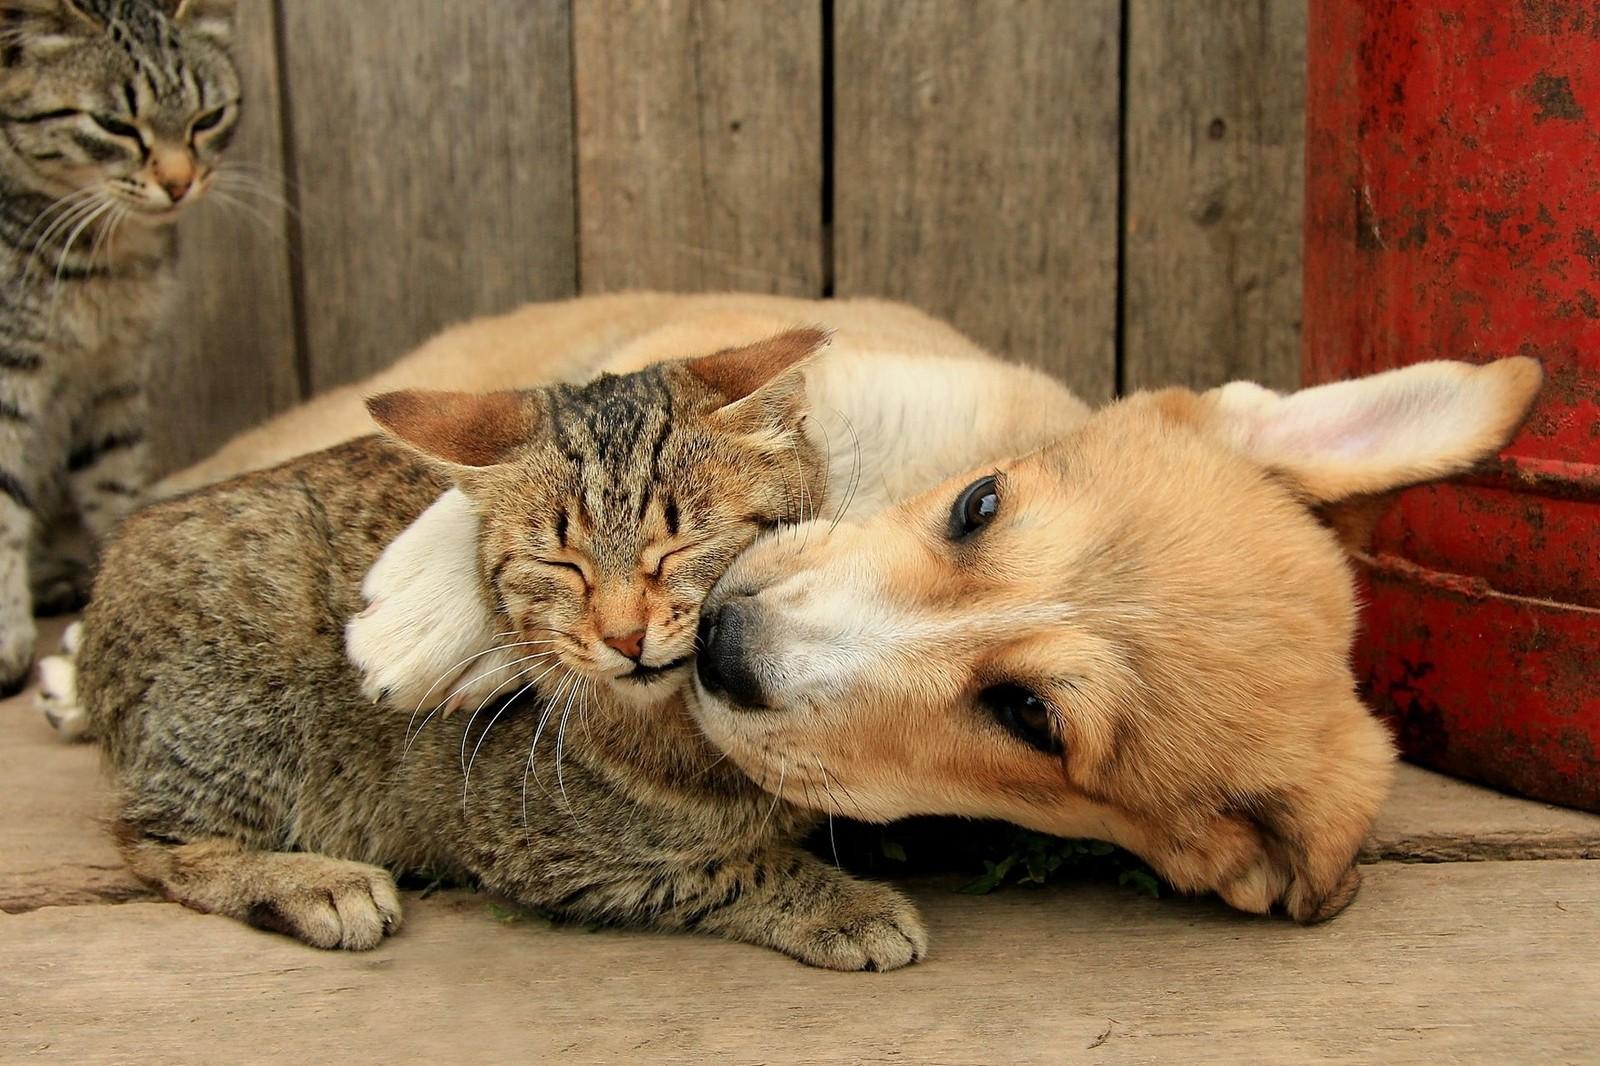 Хочу завести собаку но уже есть кот